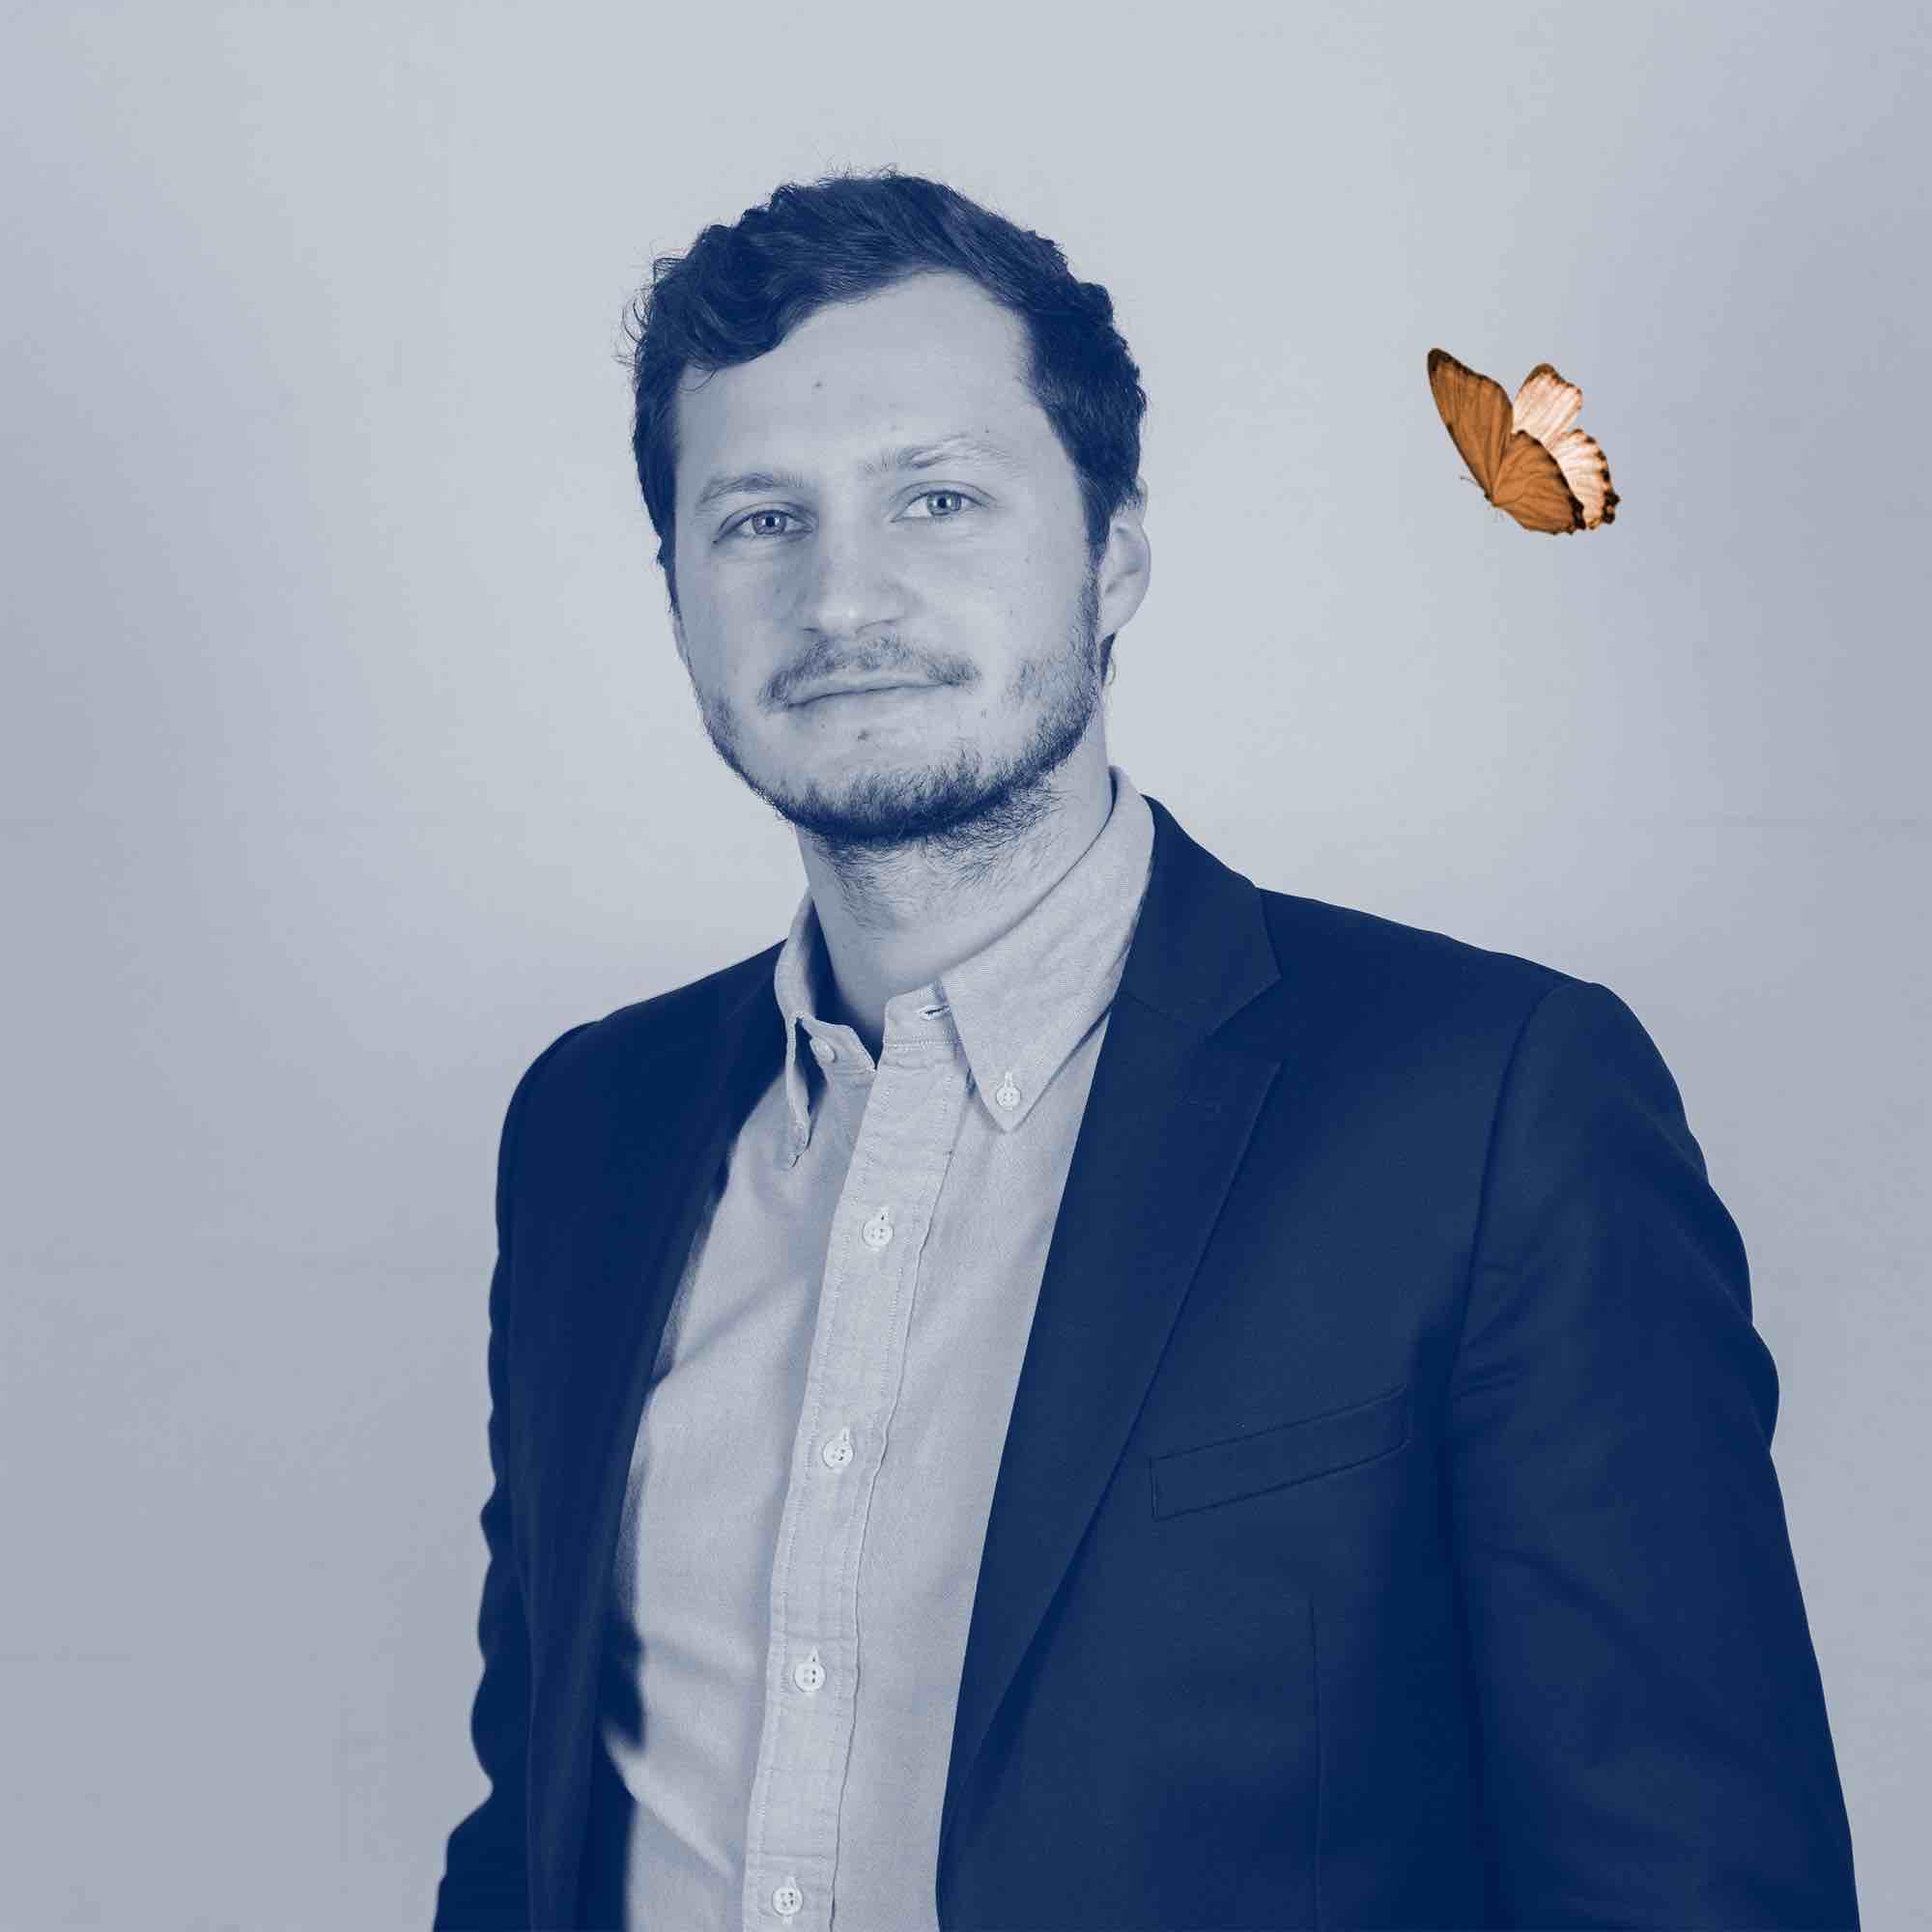 Portrait - Aymeric Viant  - Responsable Growth partners. Toujours au téléphone avec sa joie de vivre inébranlable il prend soin des kadors et des startups comme personne.